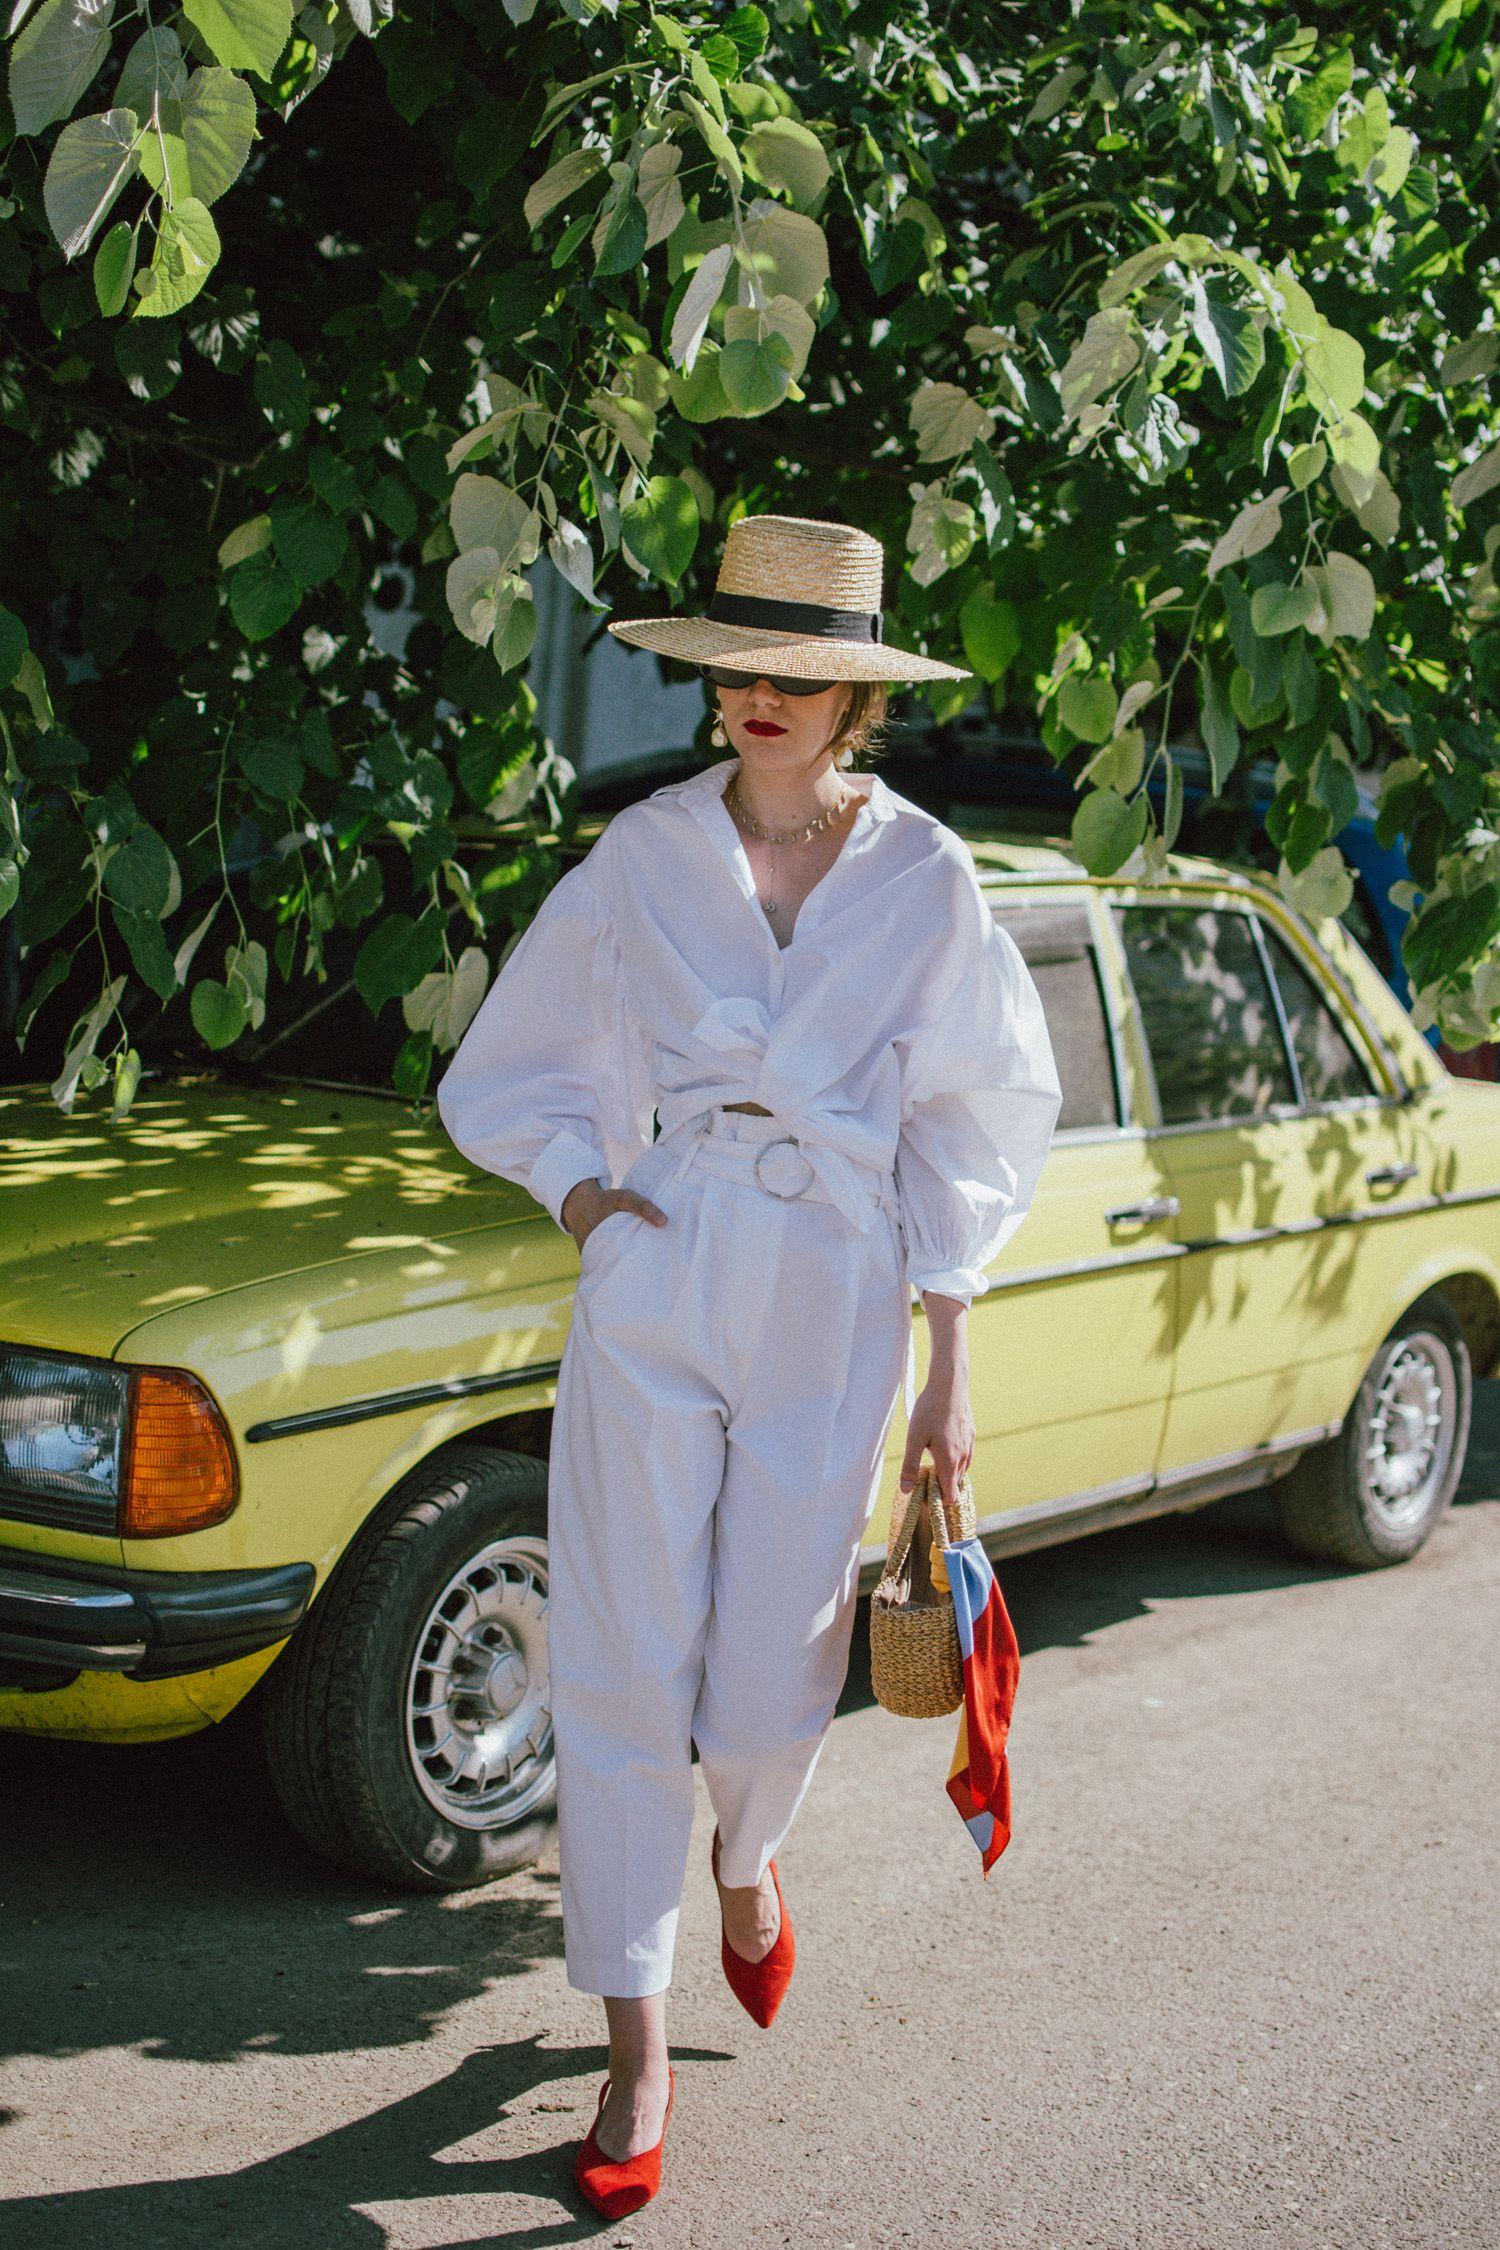 Đừng mãi quanh quẩn với giày đen/trắng nữa, giày đỏ mới thực sự giúp nâng tầm style và khiến bạn trông sang như gái Pháp - Ảnh 12.